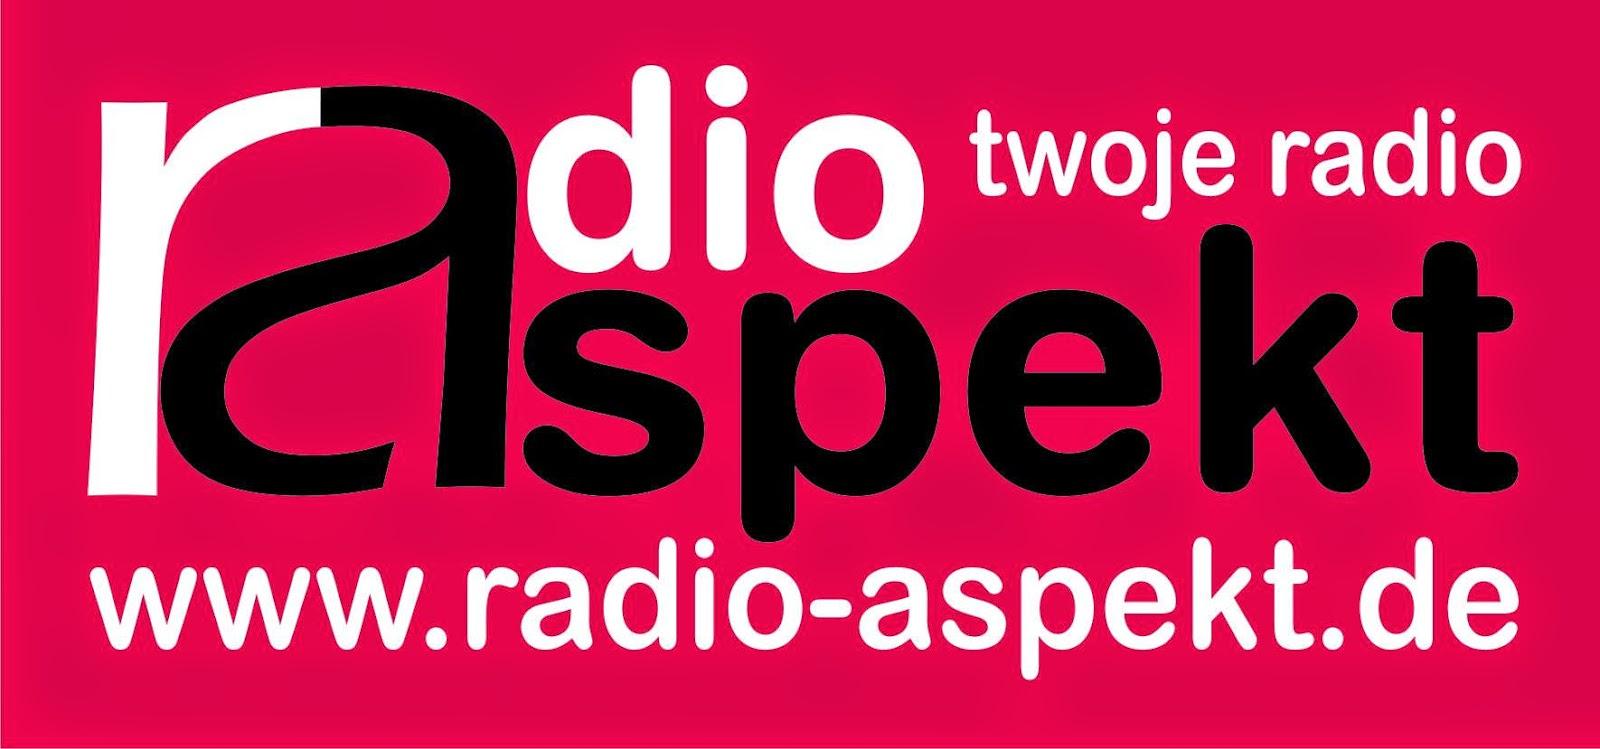 http://www.radio-aspekt.de/